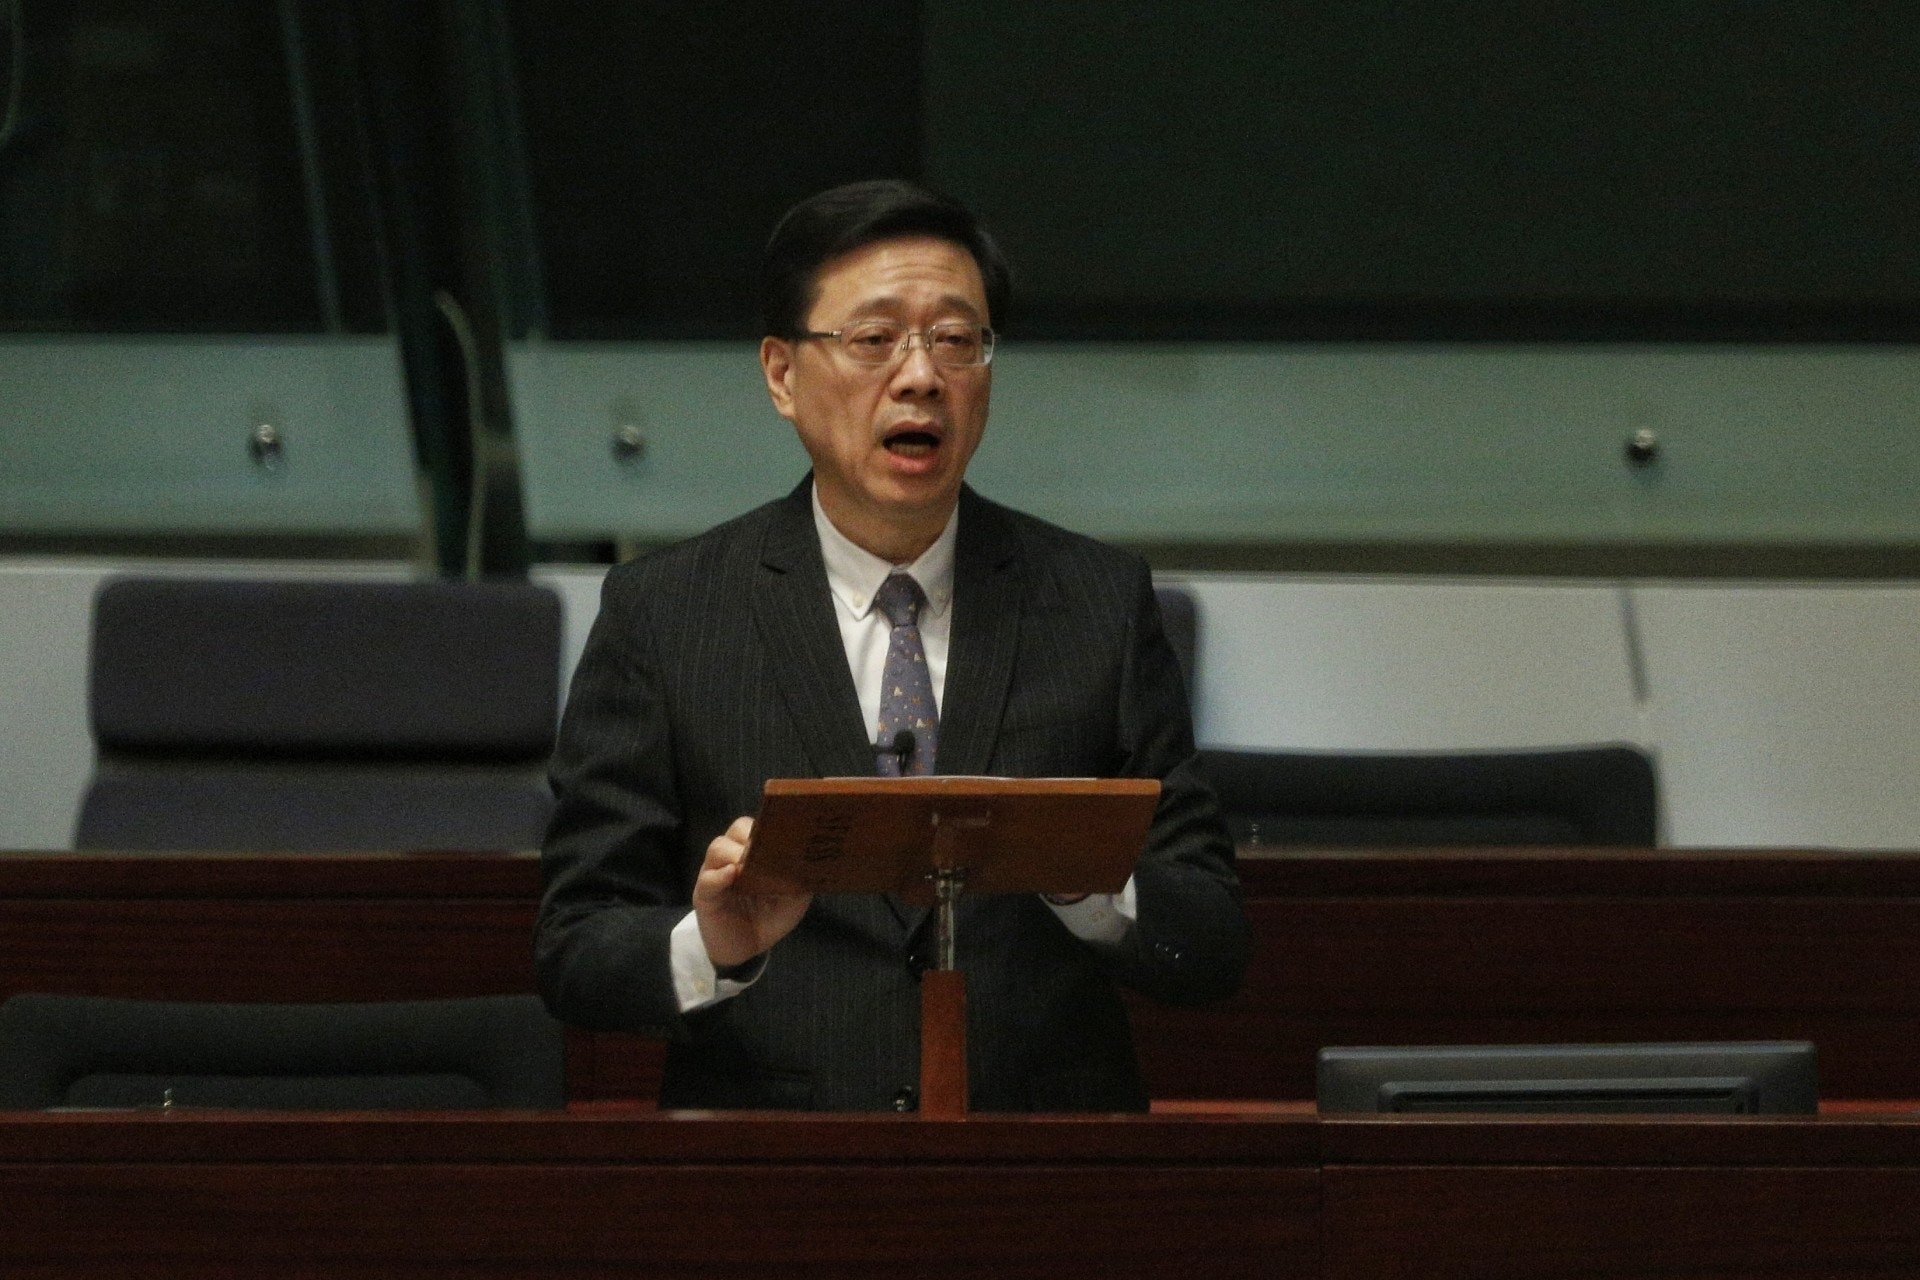 香港保安局局长李家超在立法会复会后,已宣布撤回修订《逃犯条例》。(资料图片)